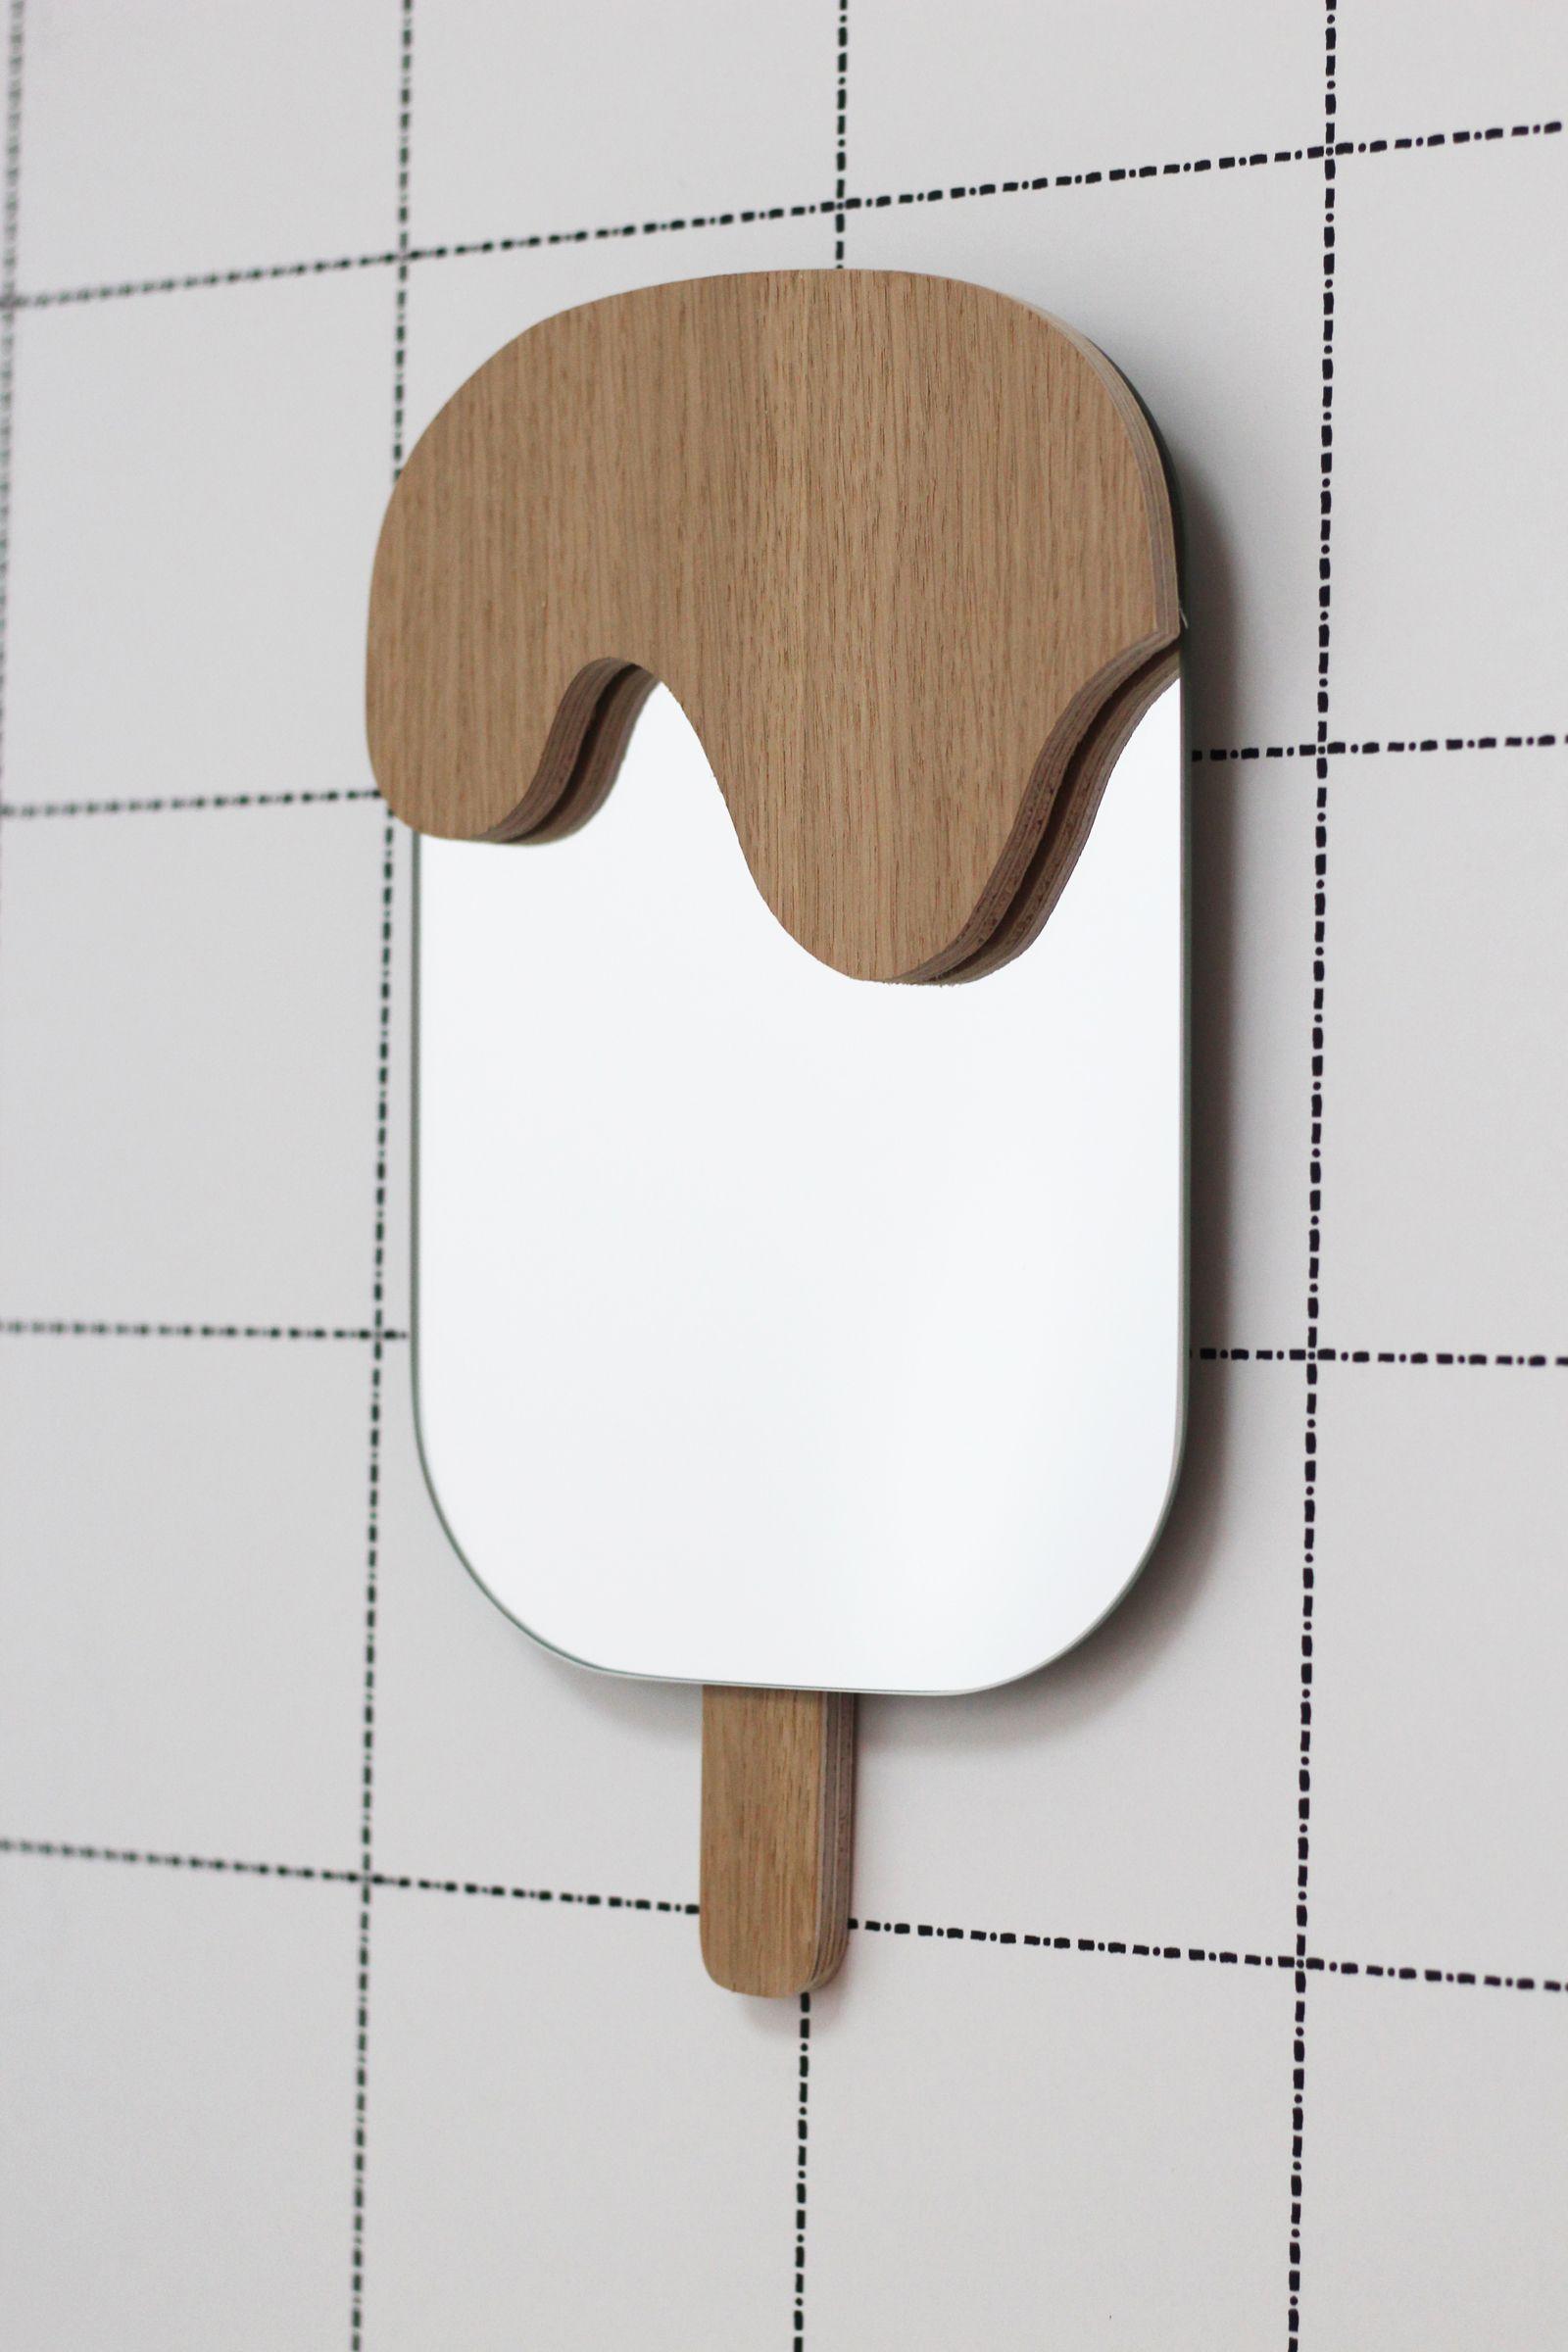 Miroir esquimau en bois en 2019 | - Deco kids - | Miroir ...